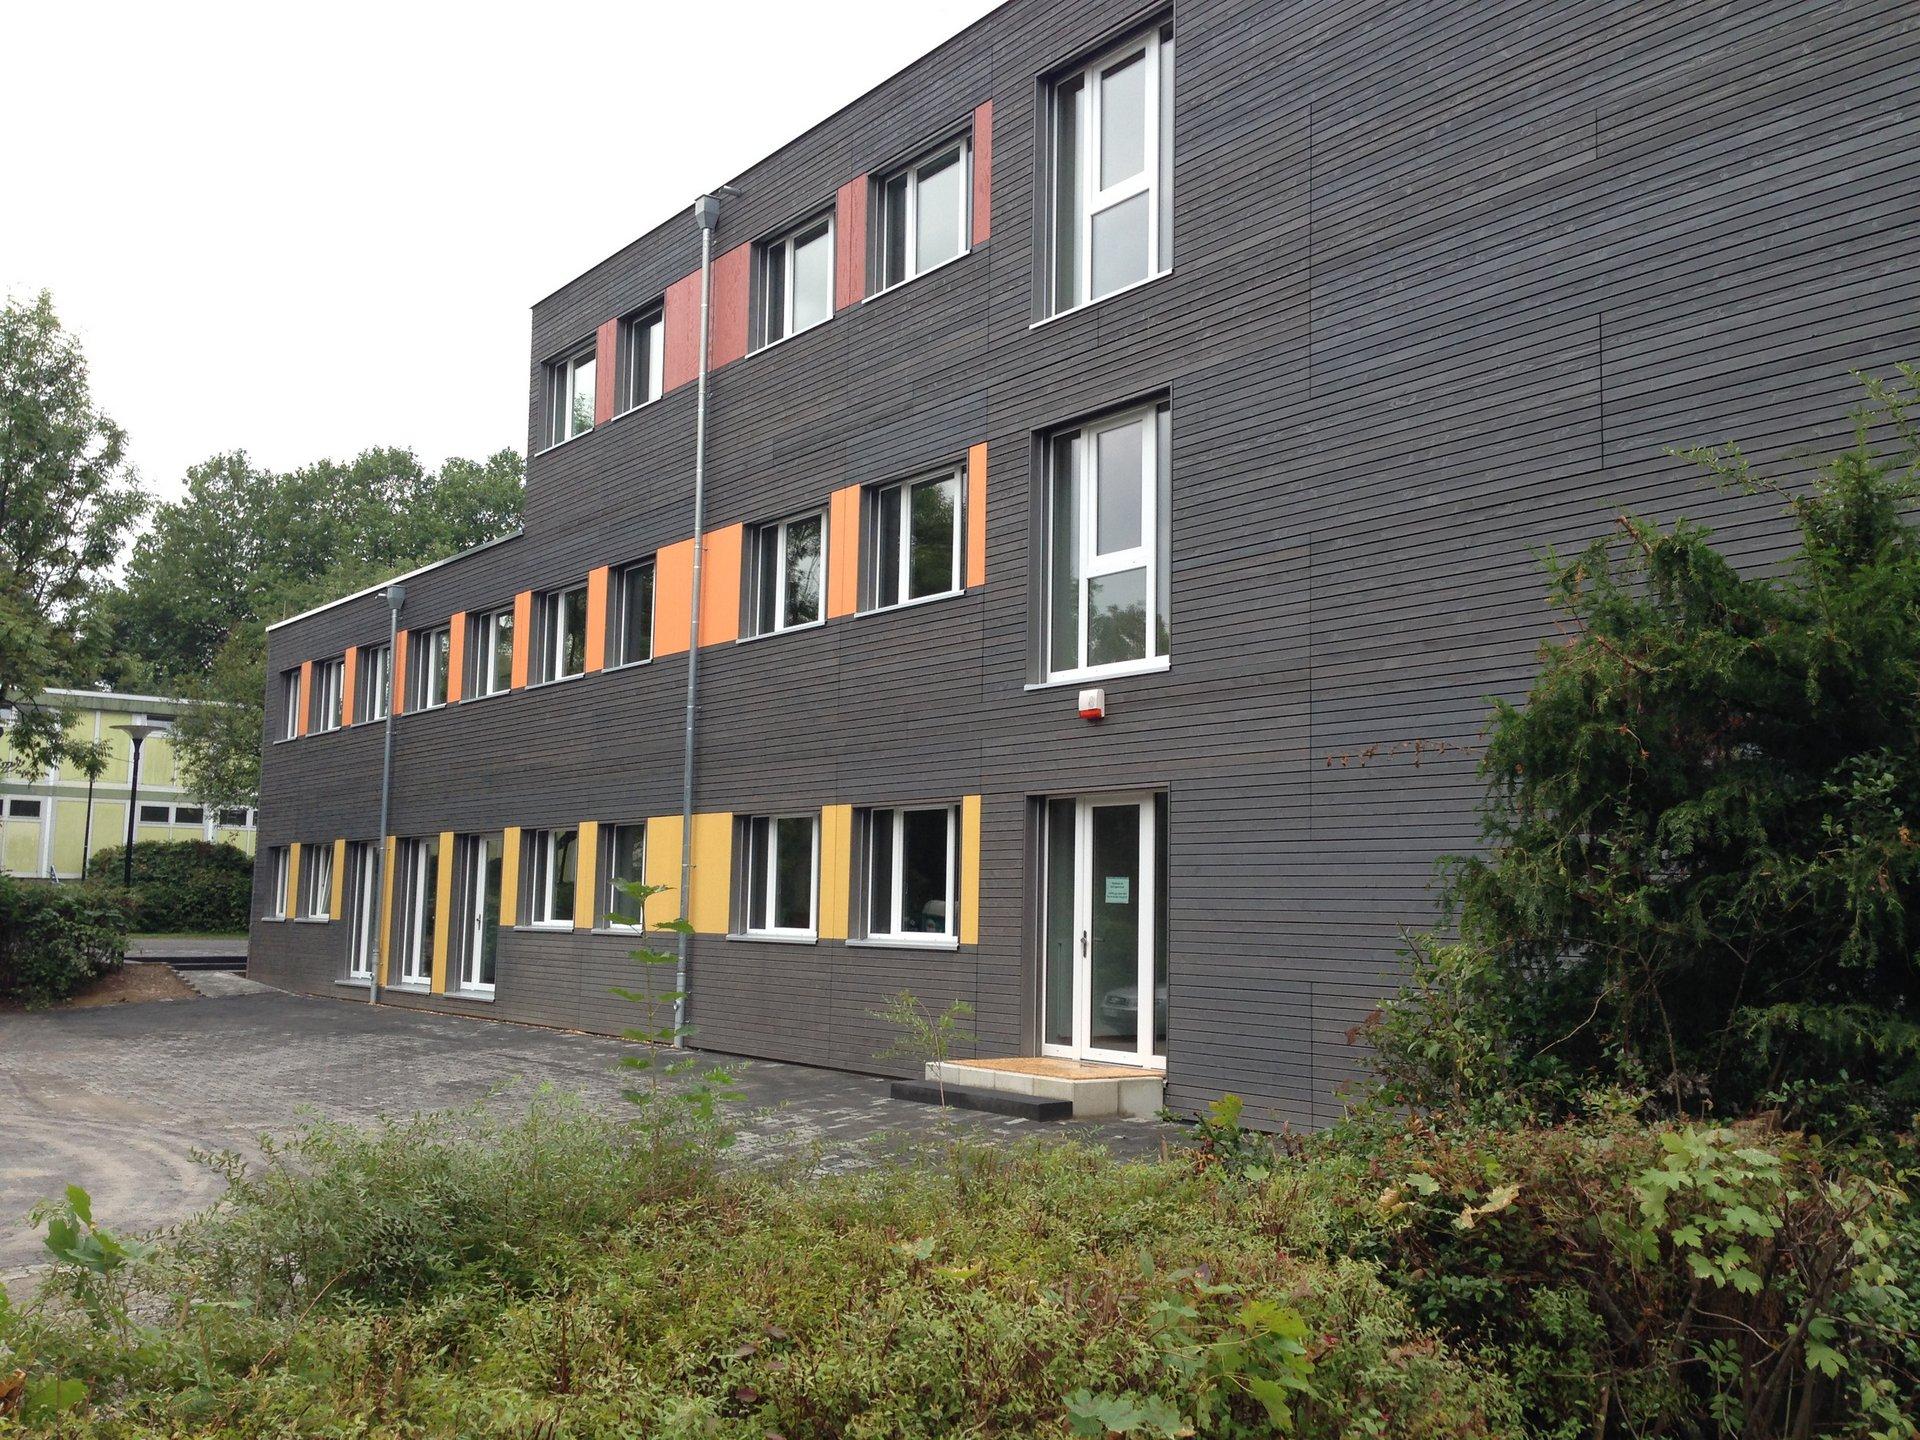 2-3-geschossiges Schulgebäude mit gleichmässiger Fensteranordnung